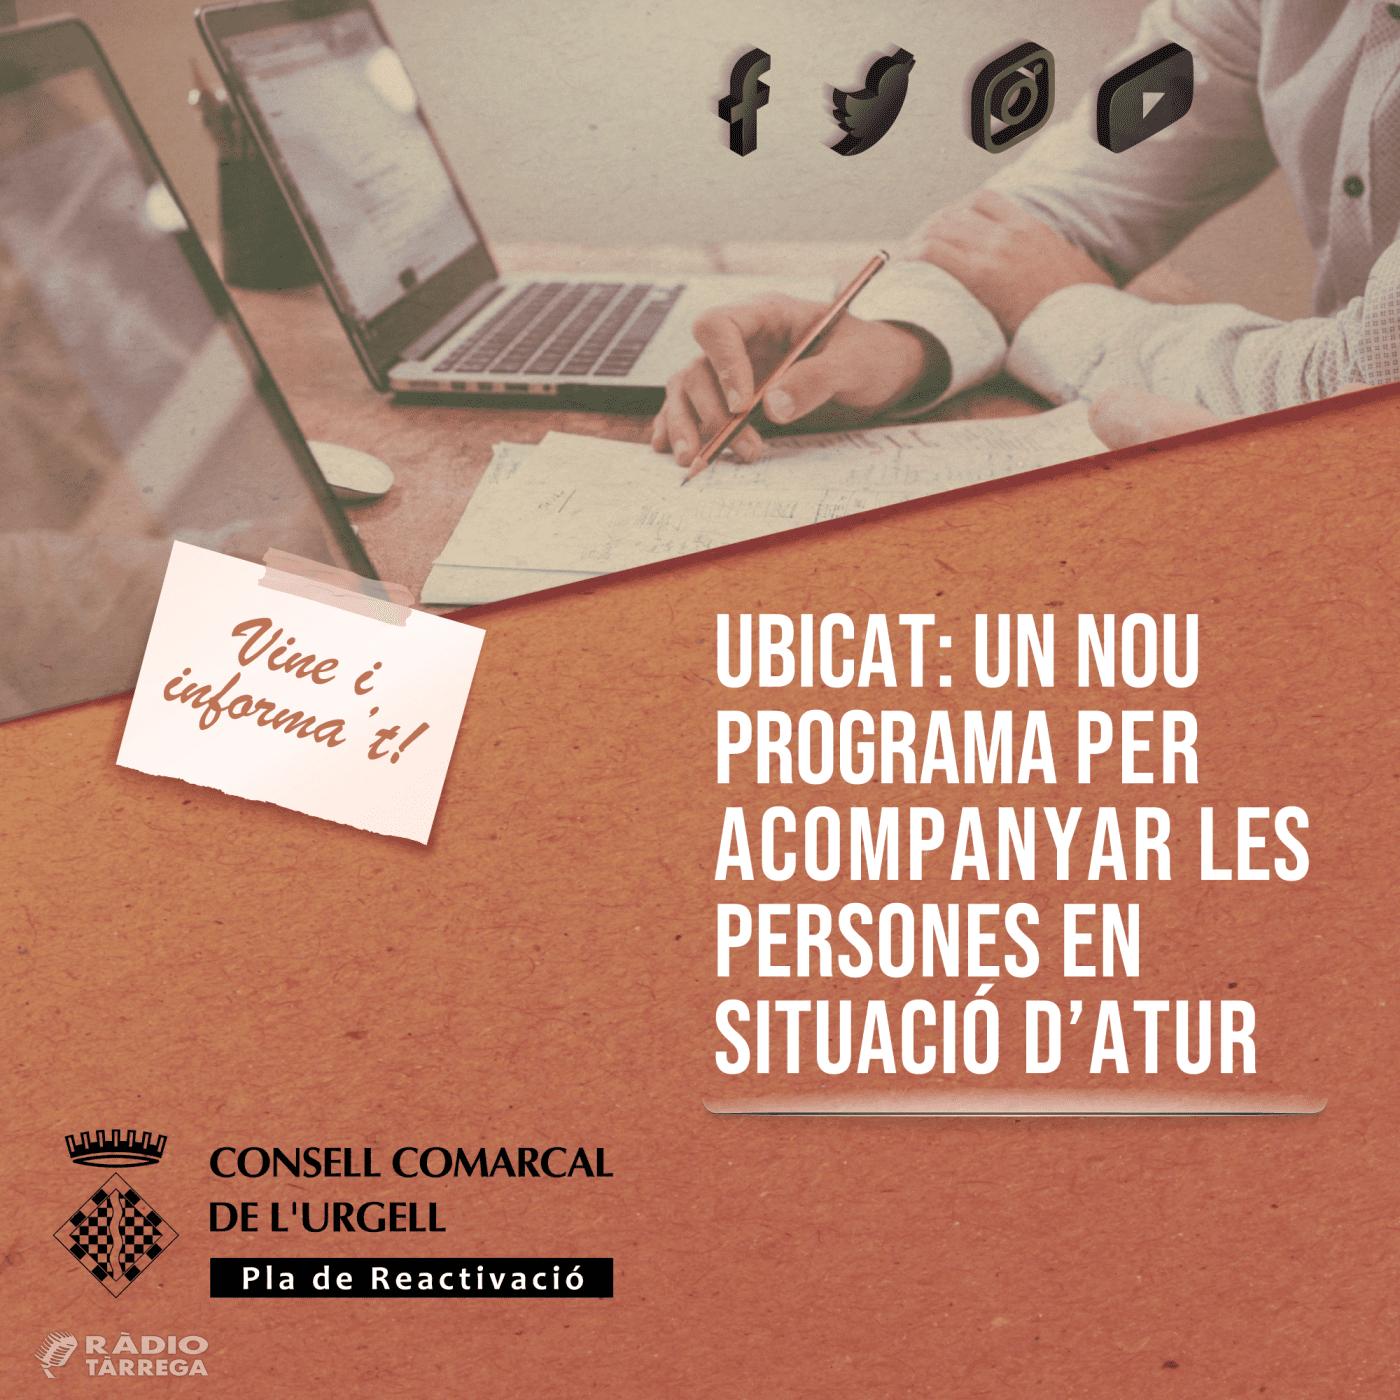 UBICAT: un nou programa impusat pel Consell Comarcal de l'Urgell per acompanyar les persones en situació d'atur